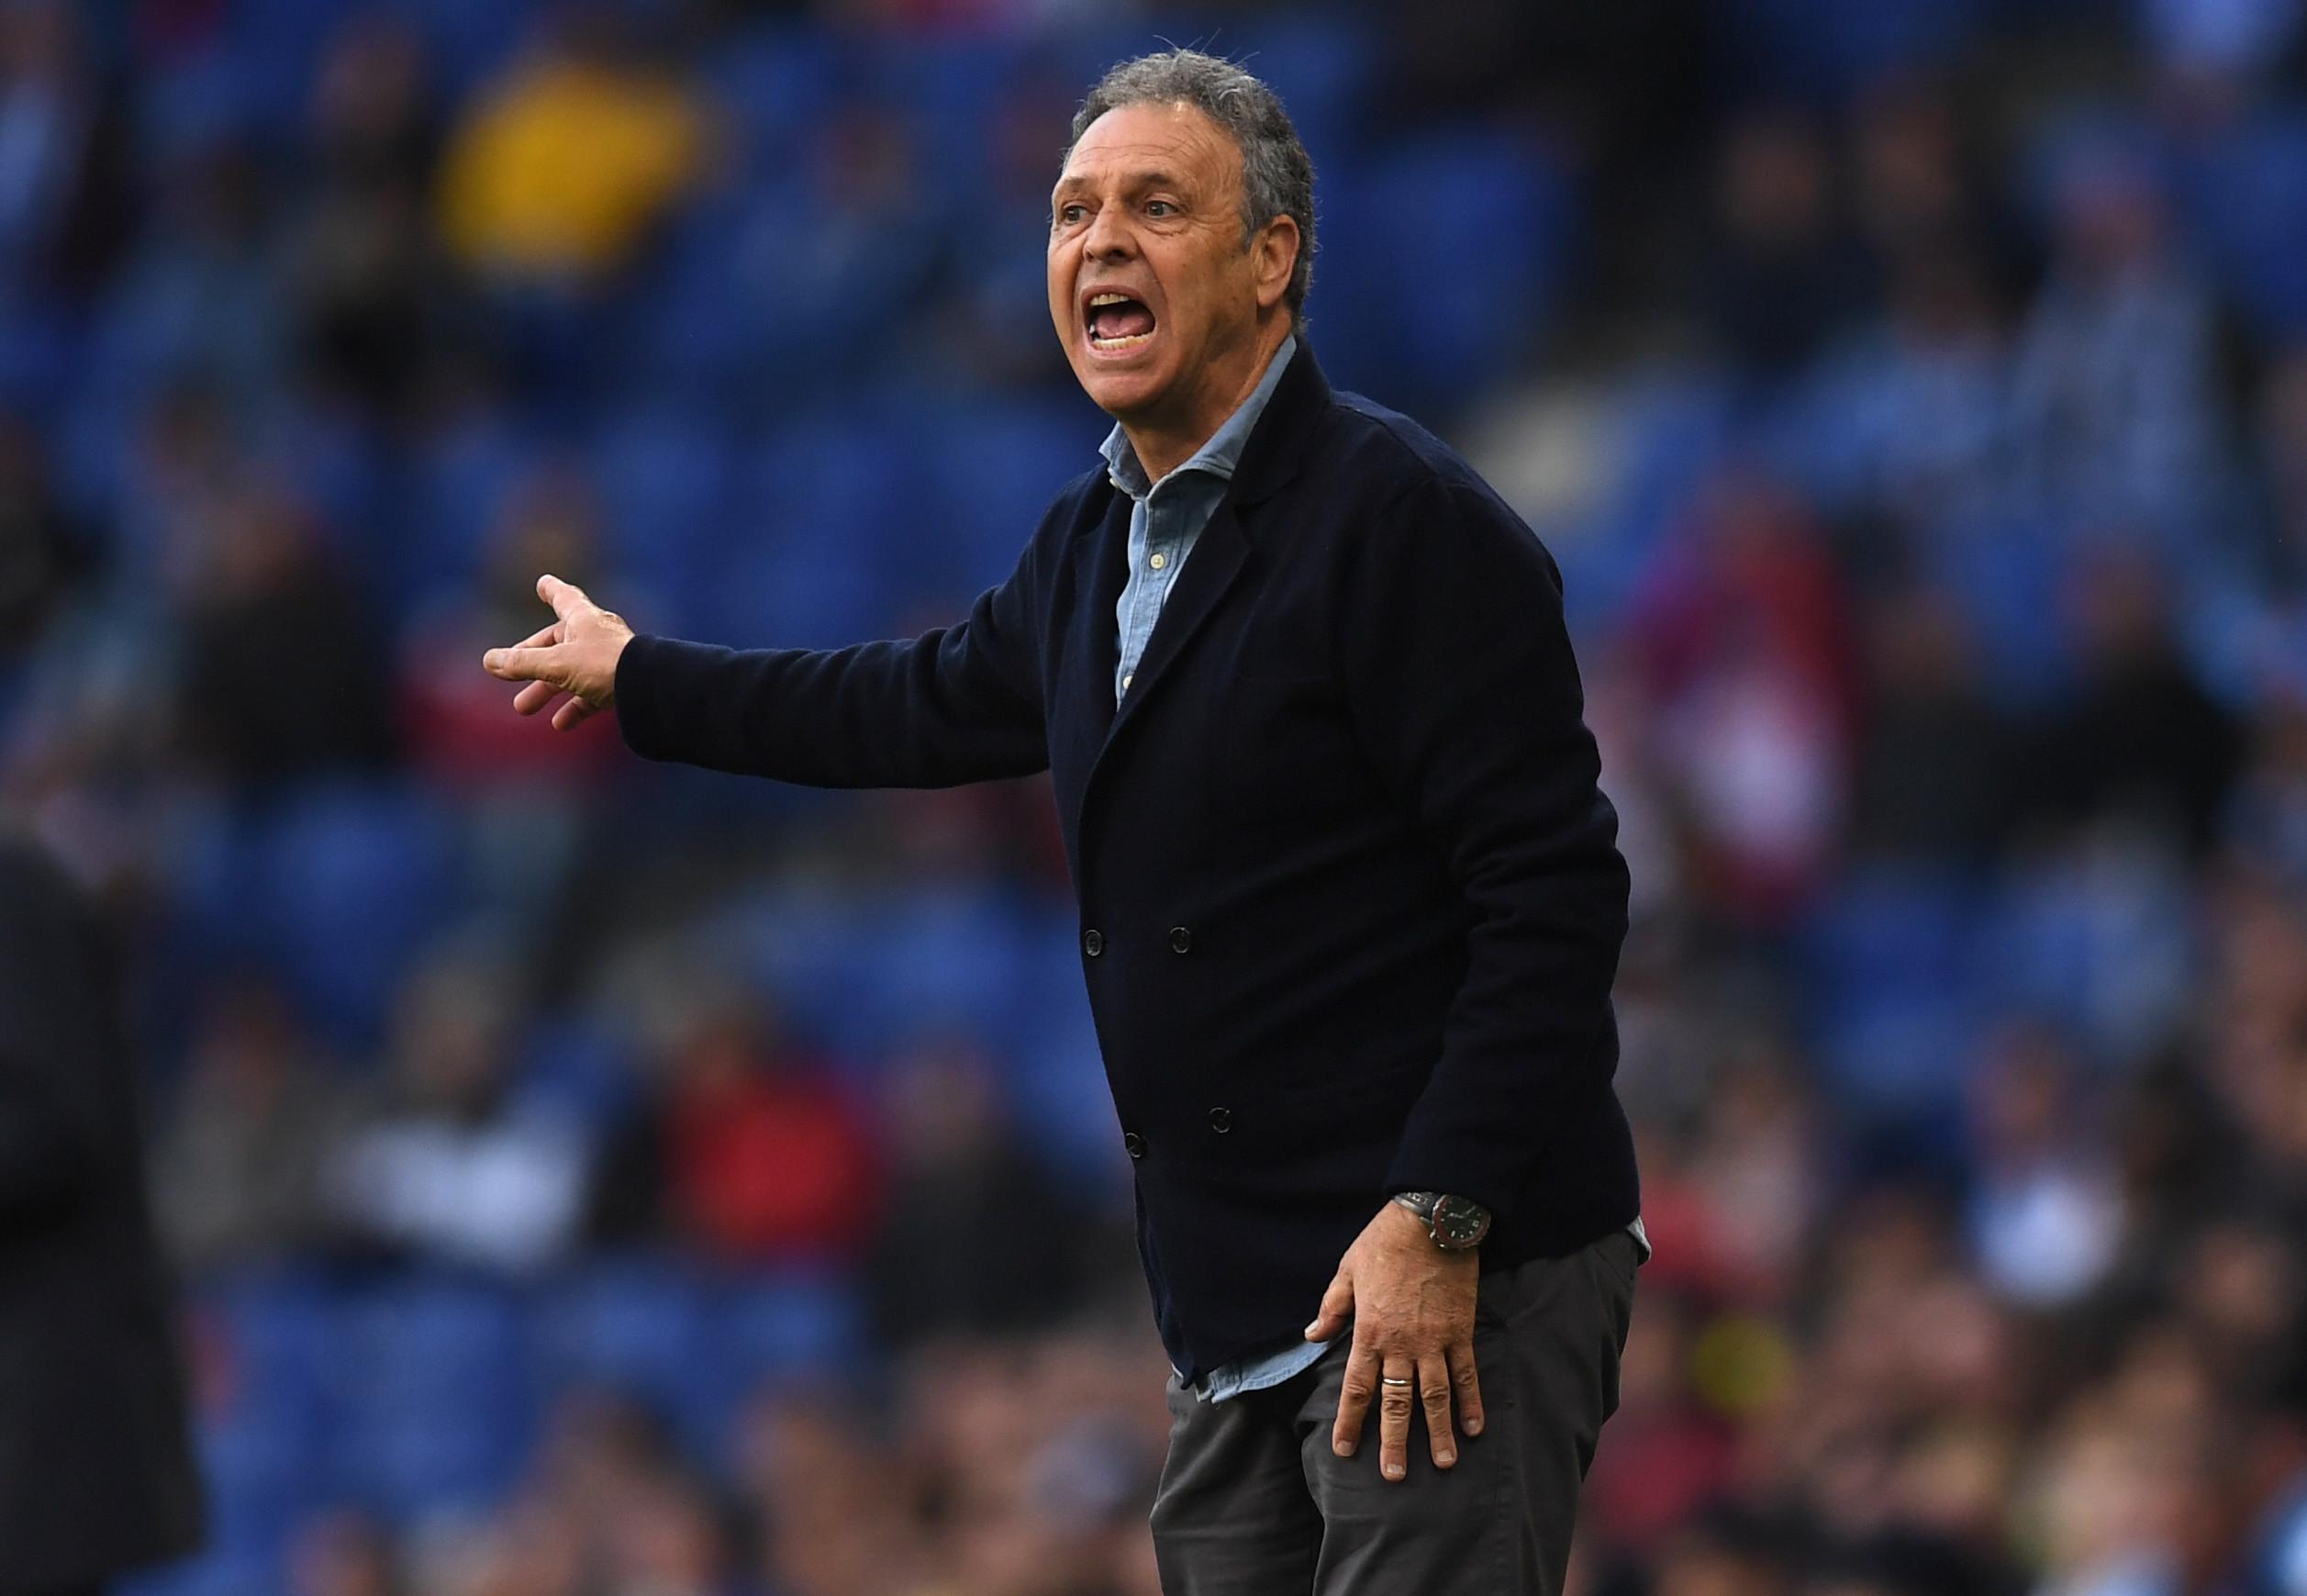 Técnico do Sevilla revela que está com leucemia, mas não deixará equipe